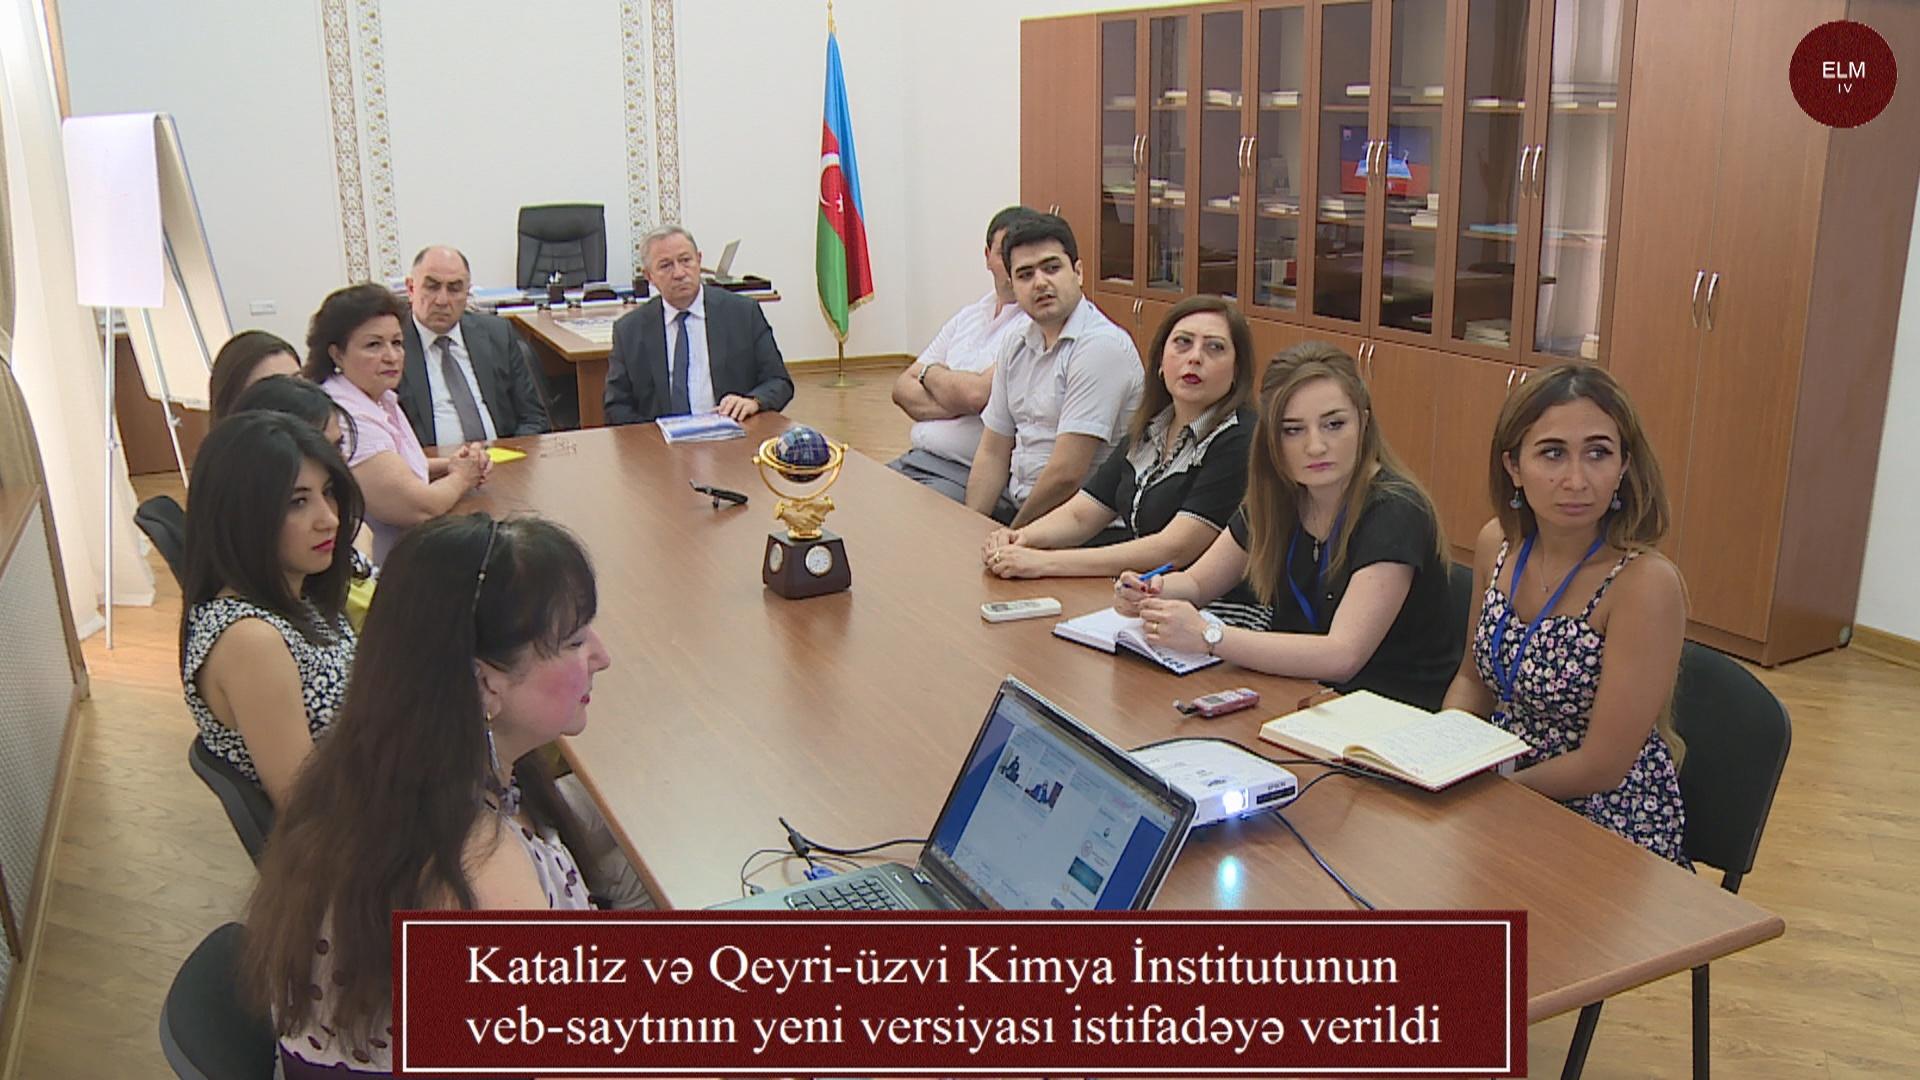 Kataliz və Qeyri-üzvi Kimya İnstitutunun veb-saytının yeni versiyası istifadəyə verildi